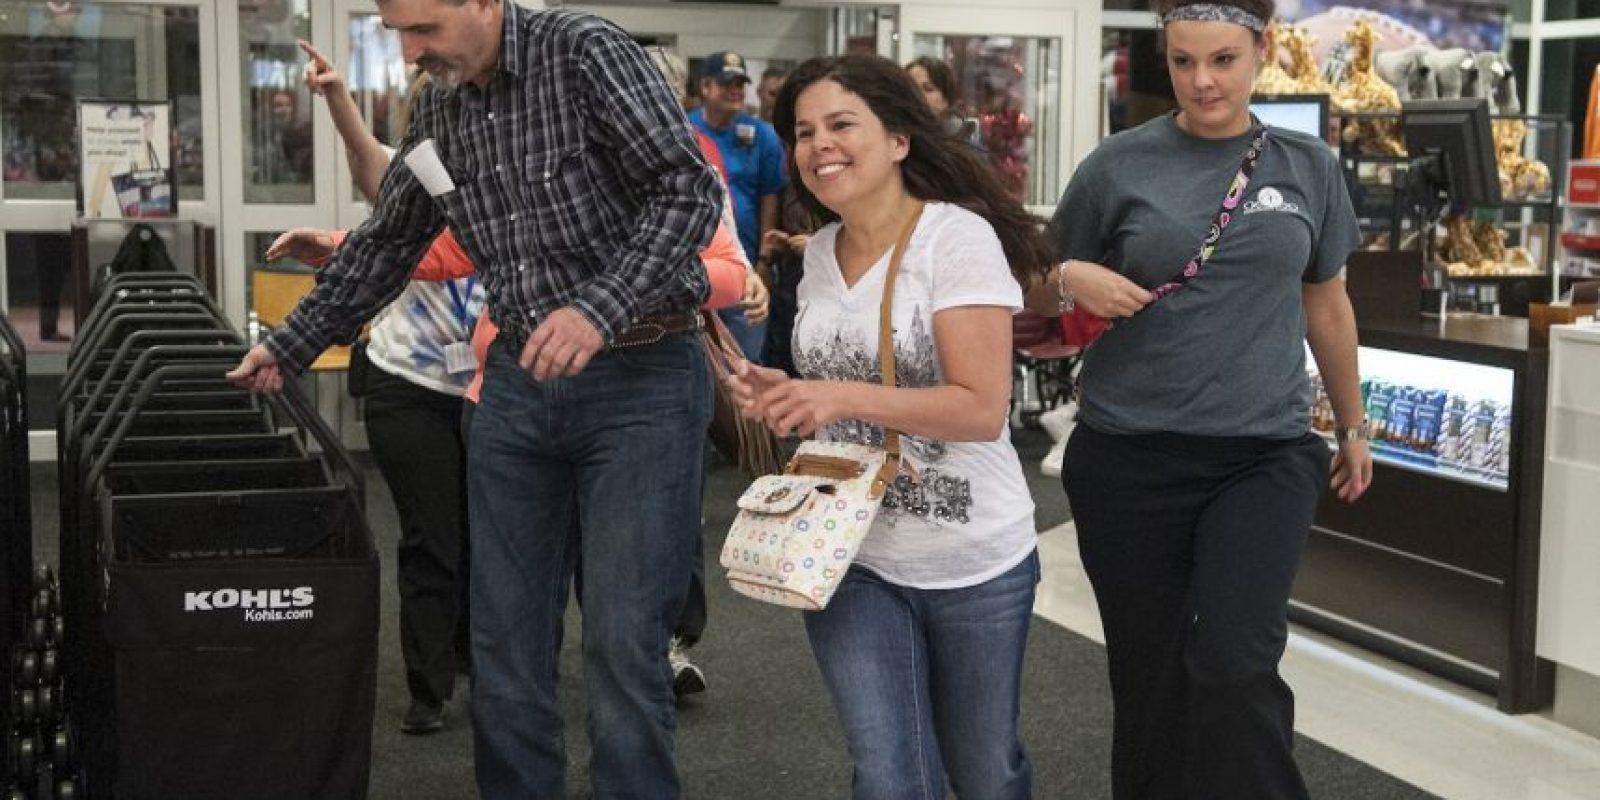 Sin embargo, nada quita la emoción de entrar corriendo a una tienda Foto:AP